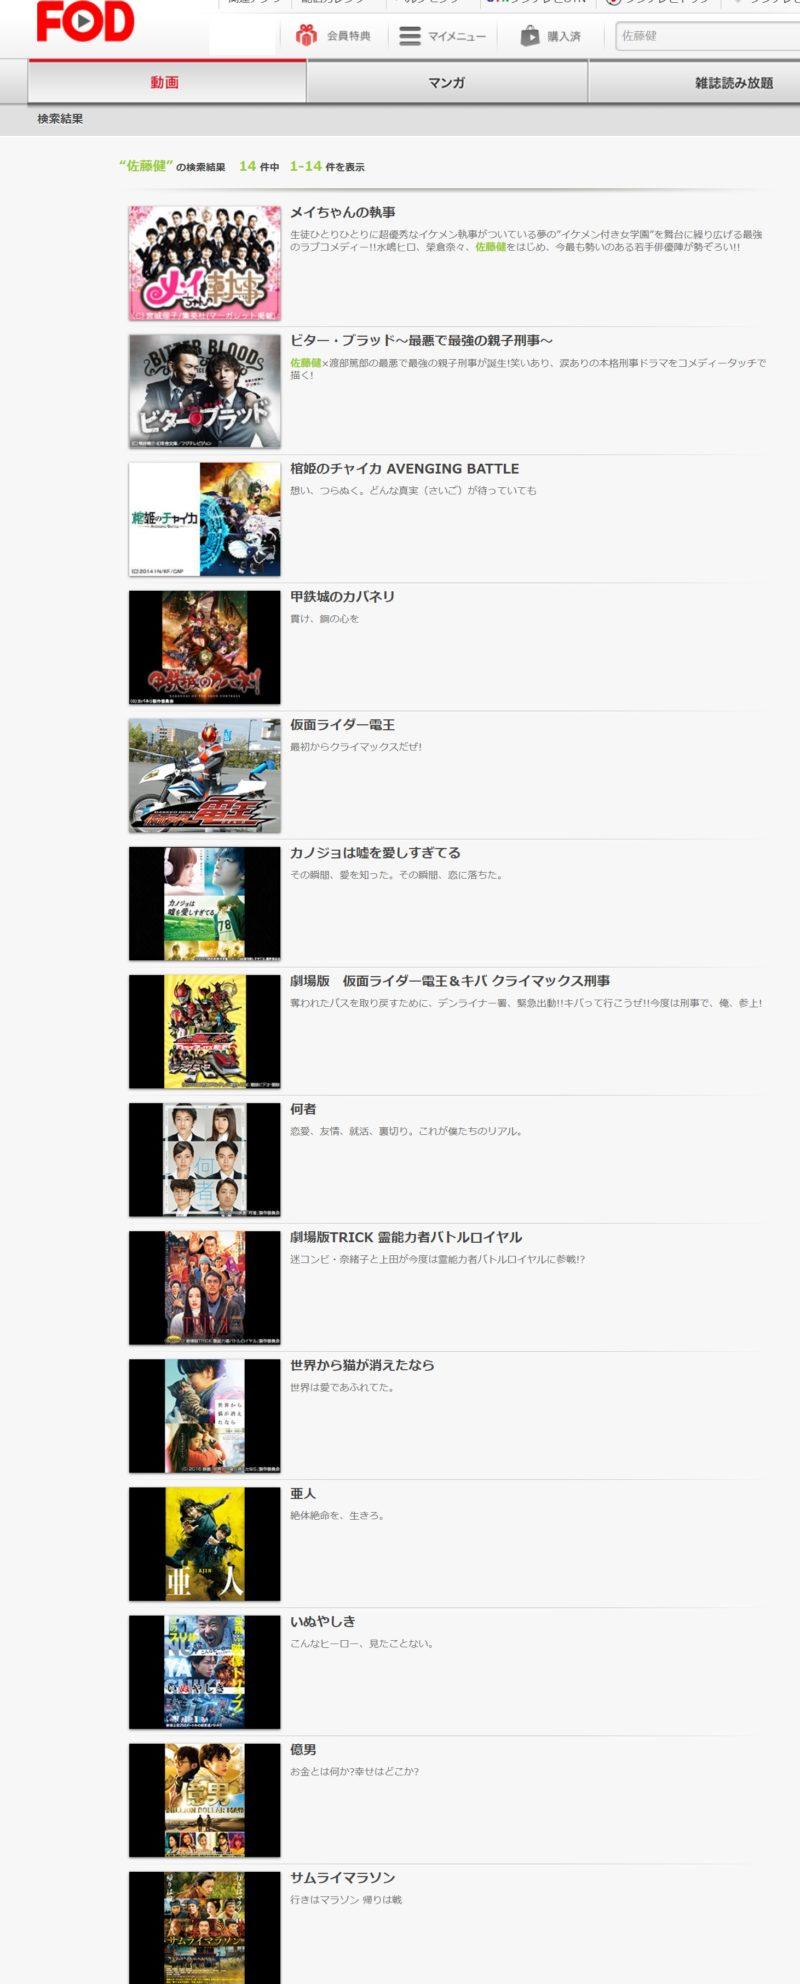 メイちゃんの執事の佐藤健の動画